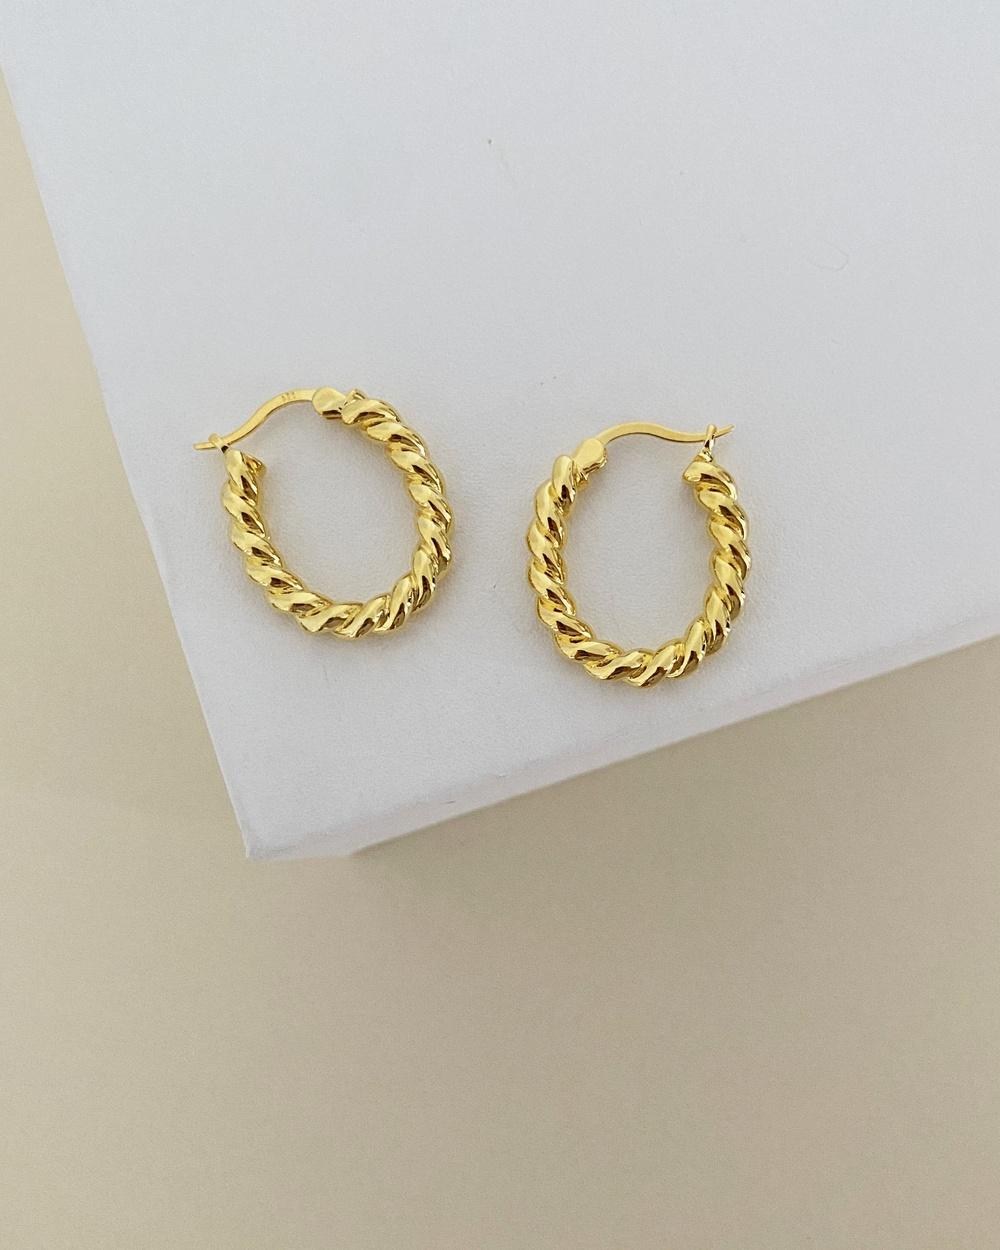 ALIX YANG Sofia Hoops Jewellery Gold